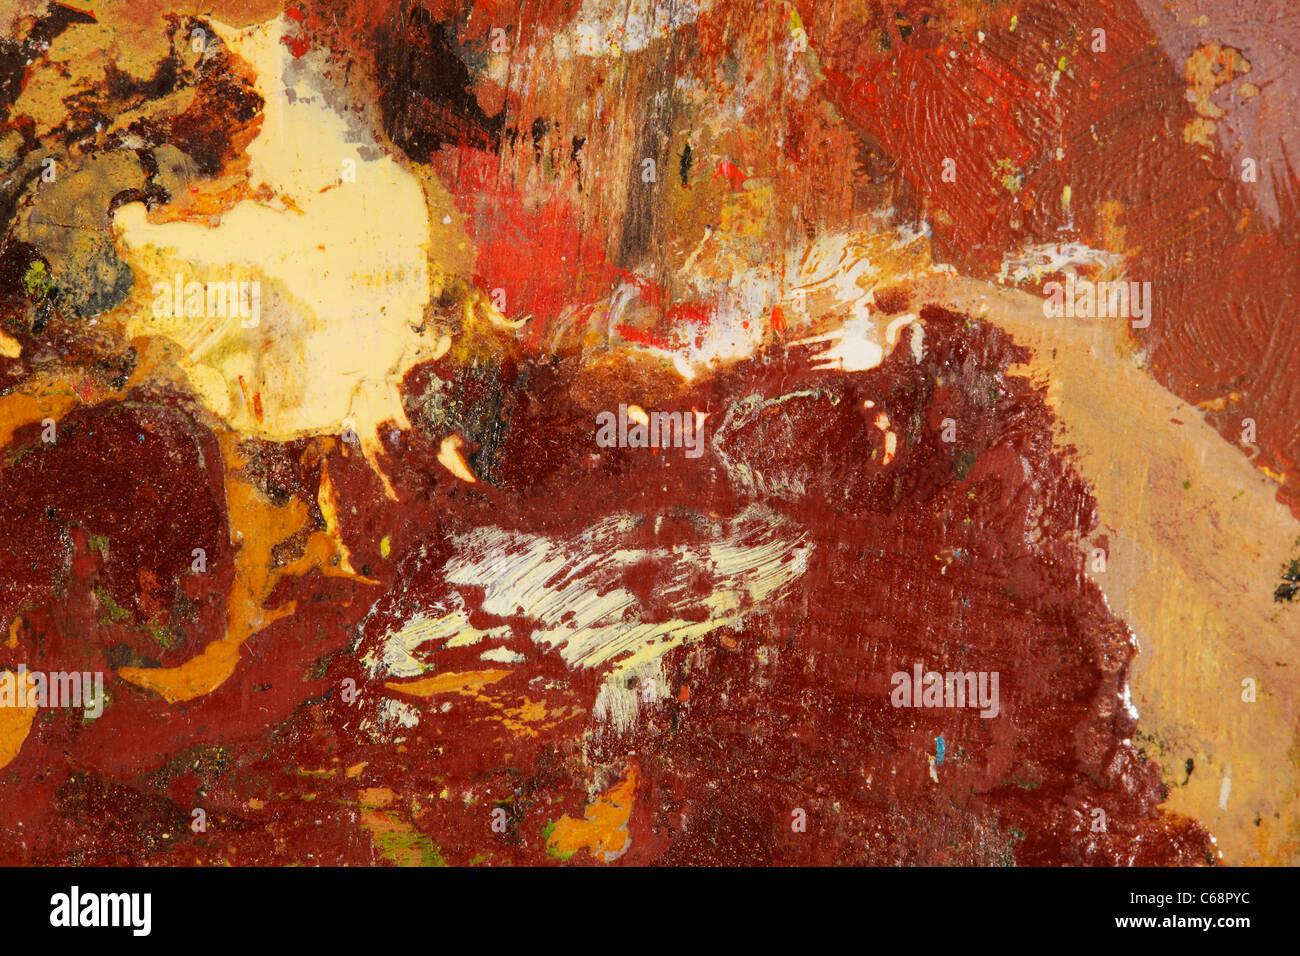 Abstraktionen der verschmierten Ölfarben Stockbild